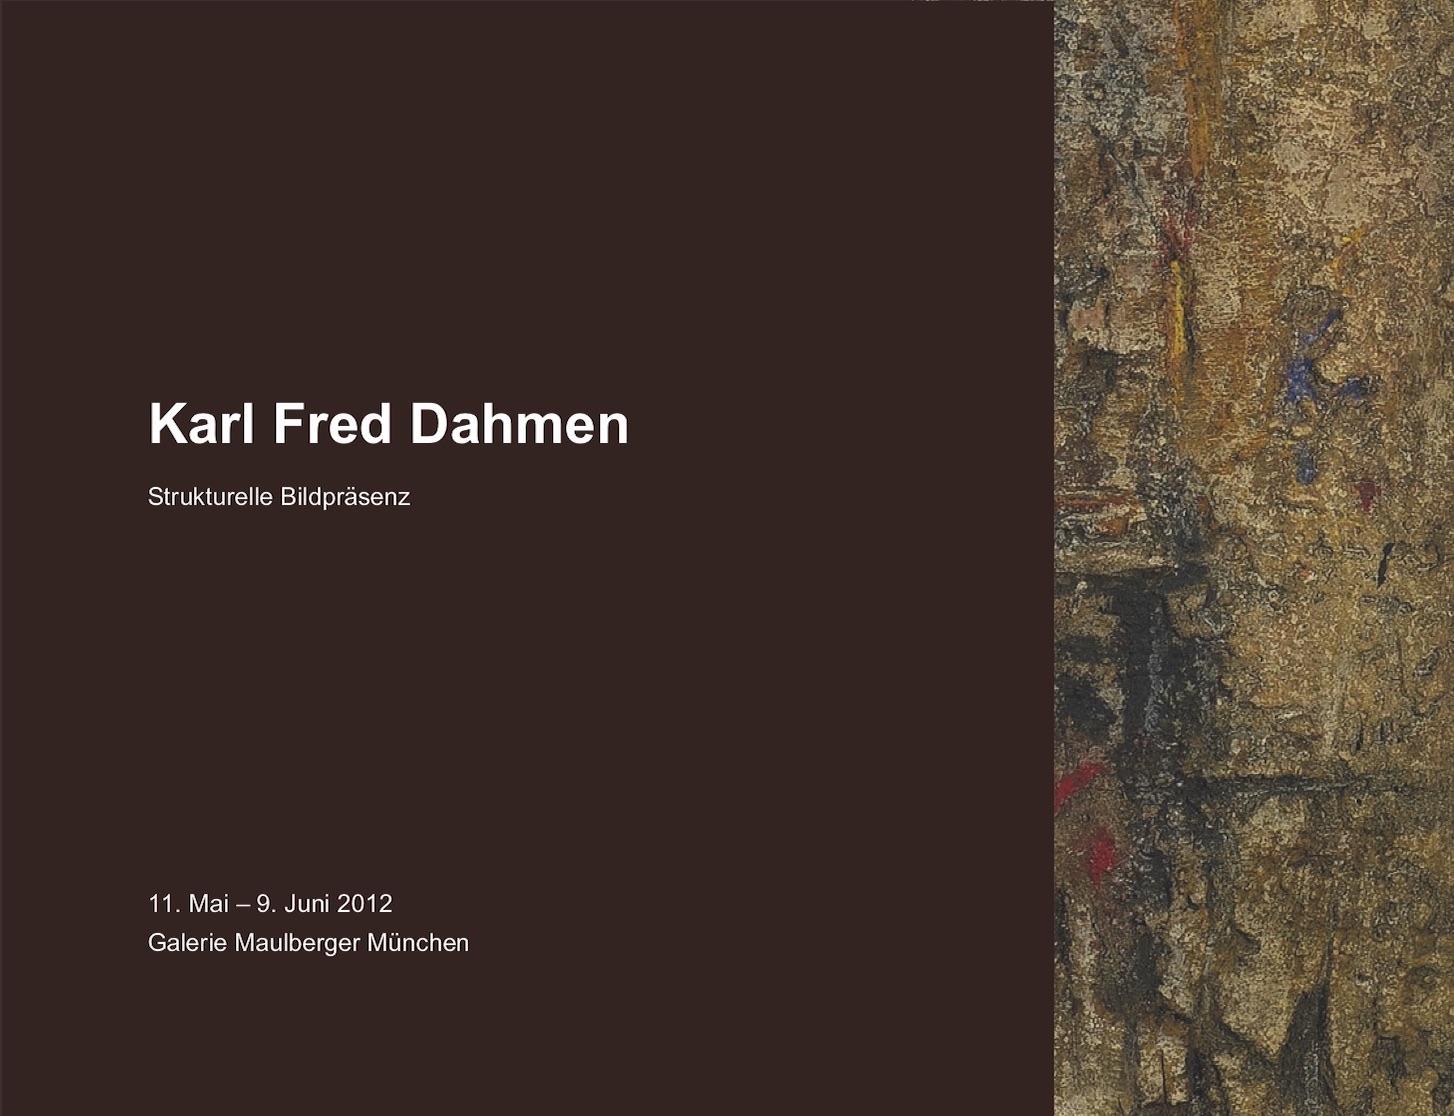 Einladungskarte Ausstellung Karl Fred Dahmen 2012 Galerie Maulberger 01